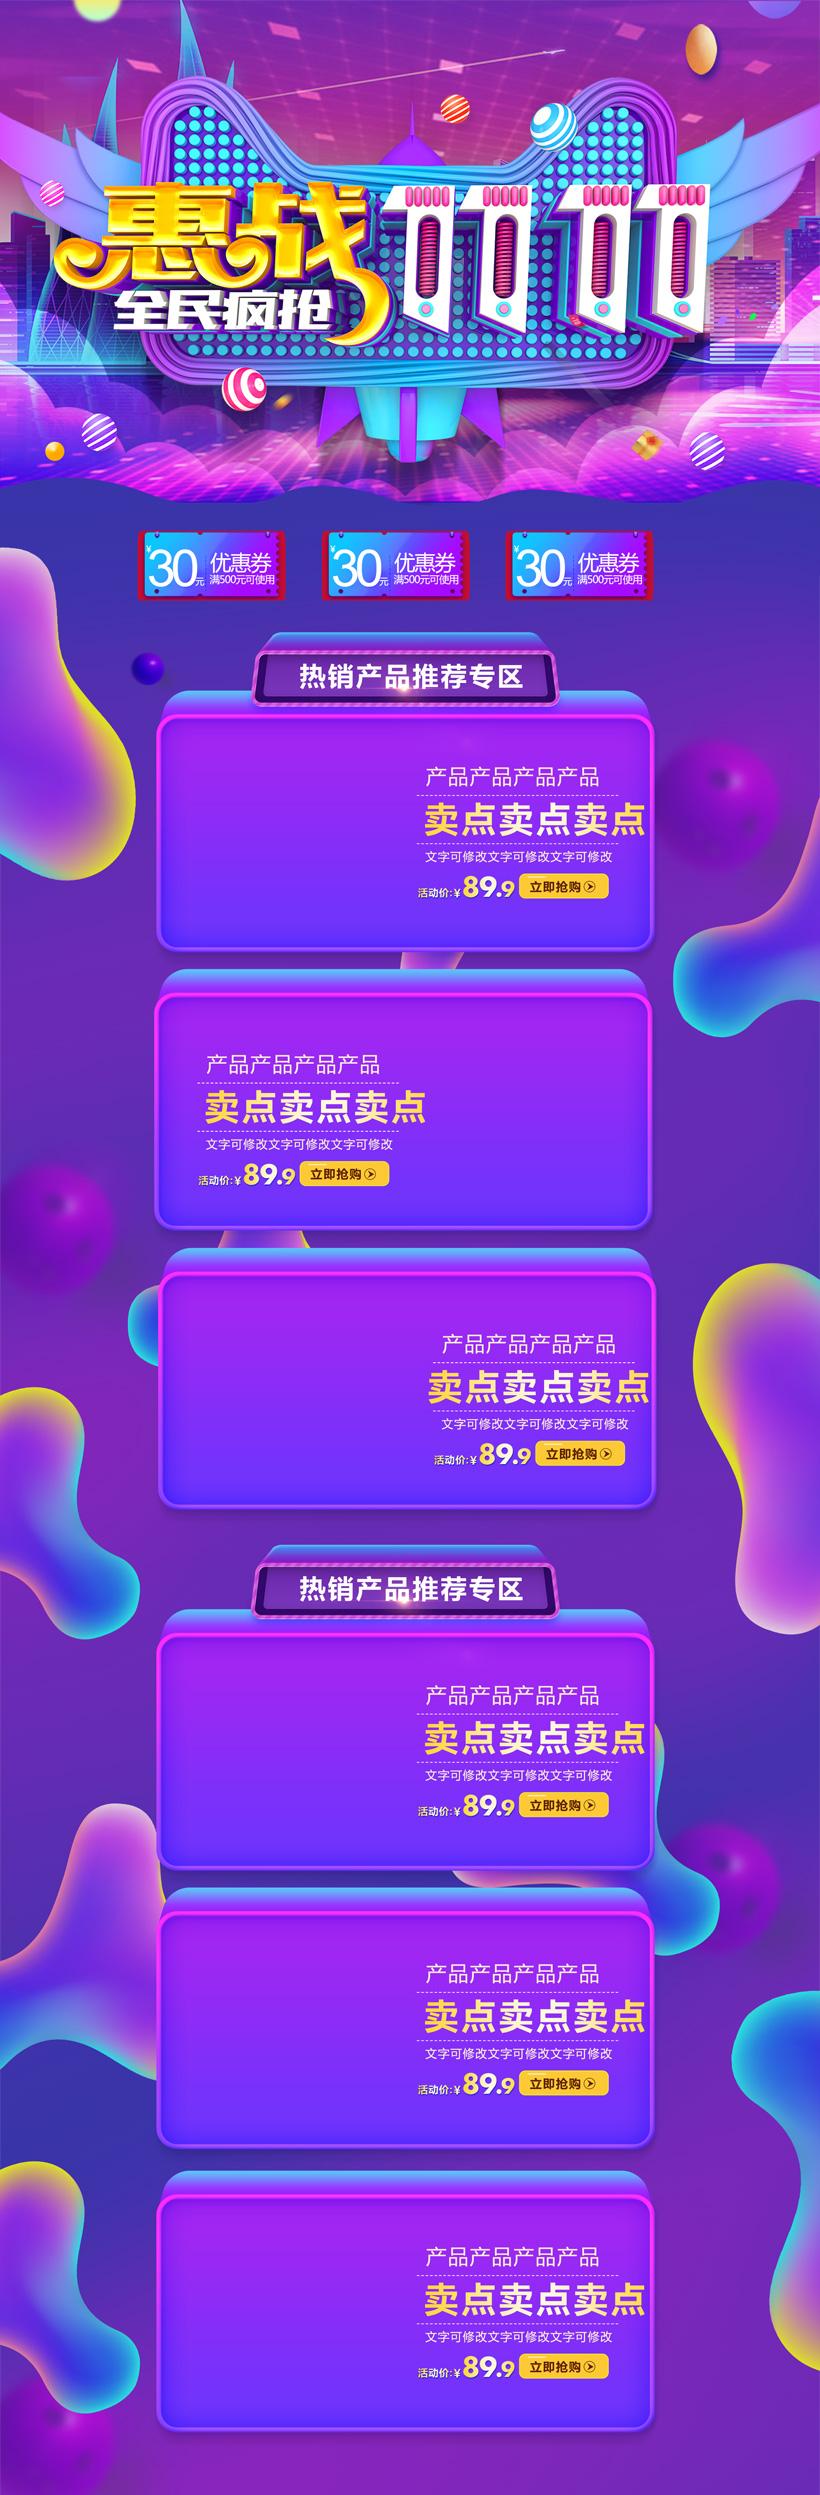 淘宝惠战1111活动页面设计时时彩投注平台